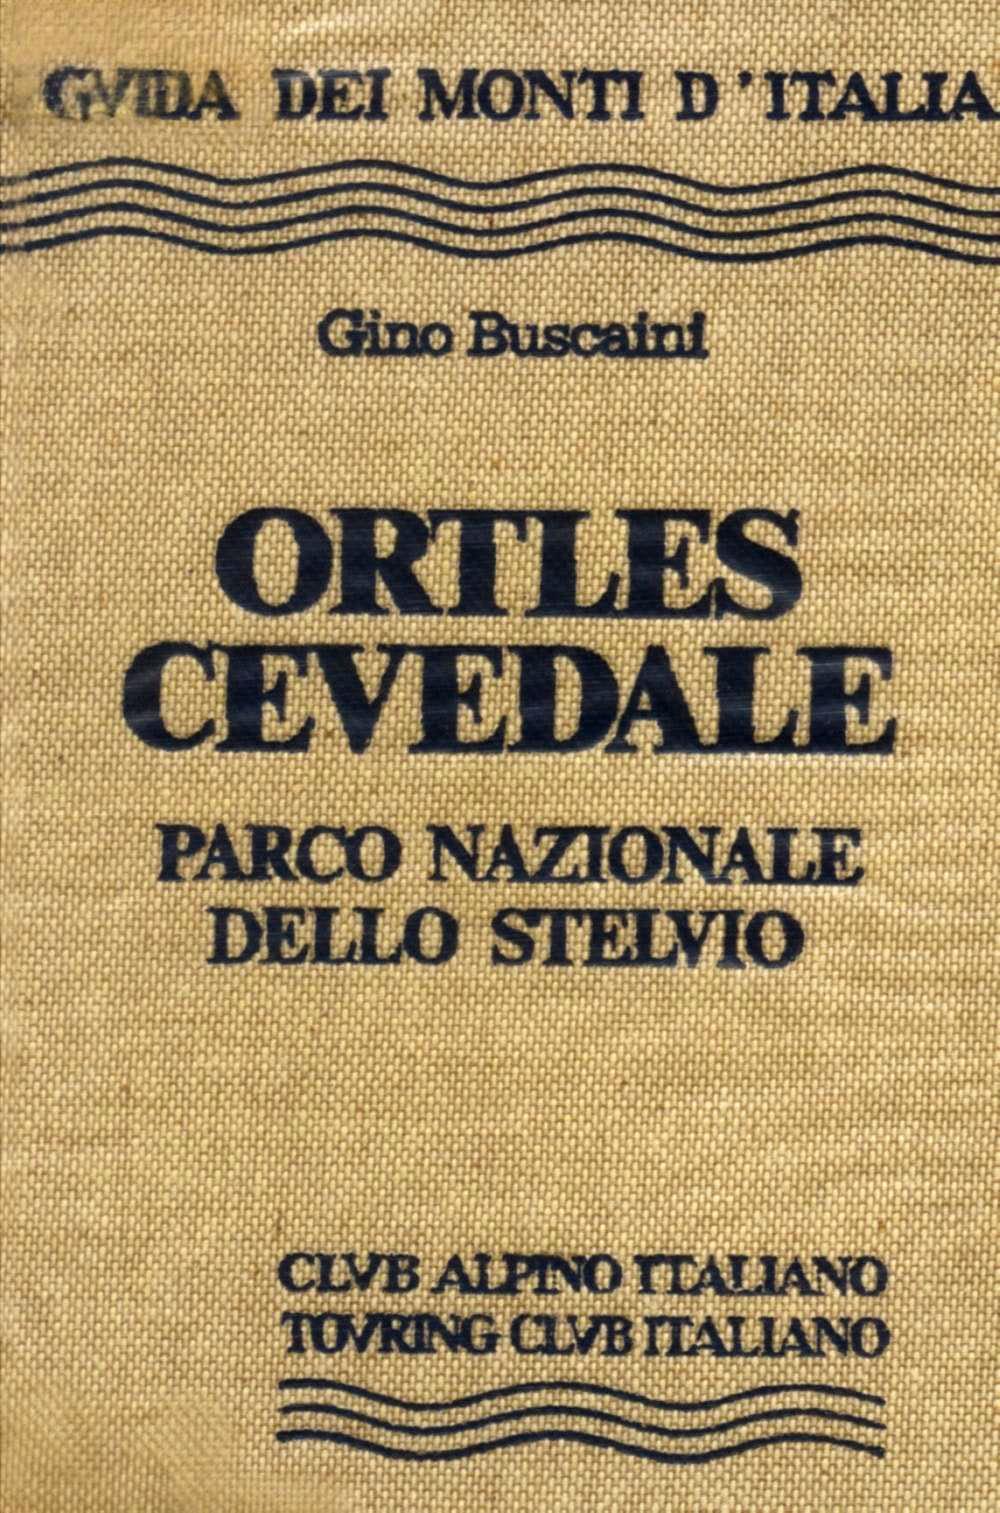 Ortles-Cevedale Guidebook